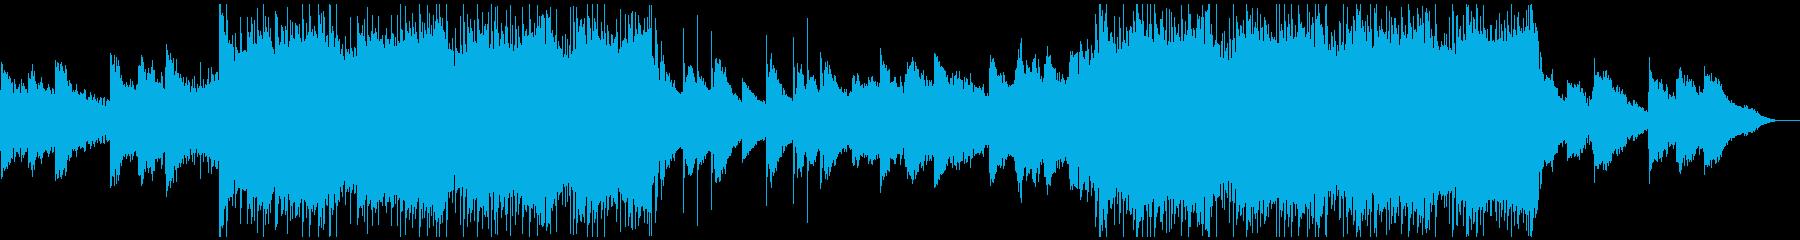 感動を演出するCM、爽やか動画/dr無しの再生済みの波形